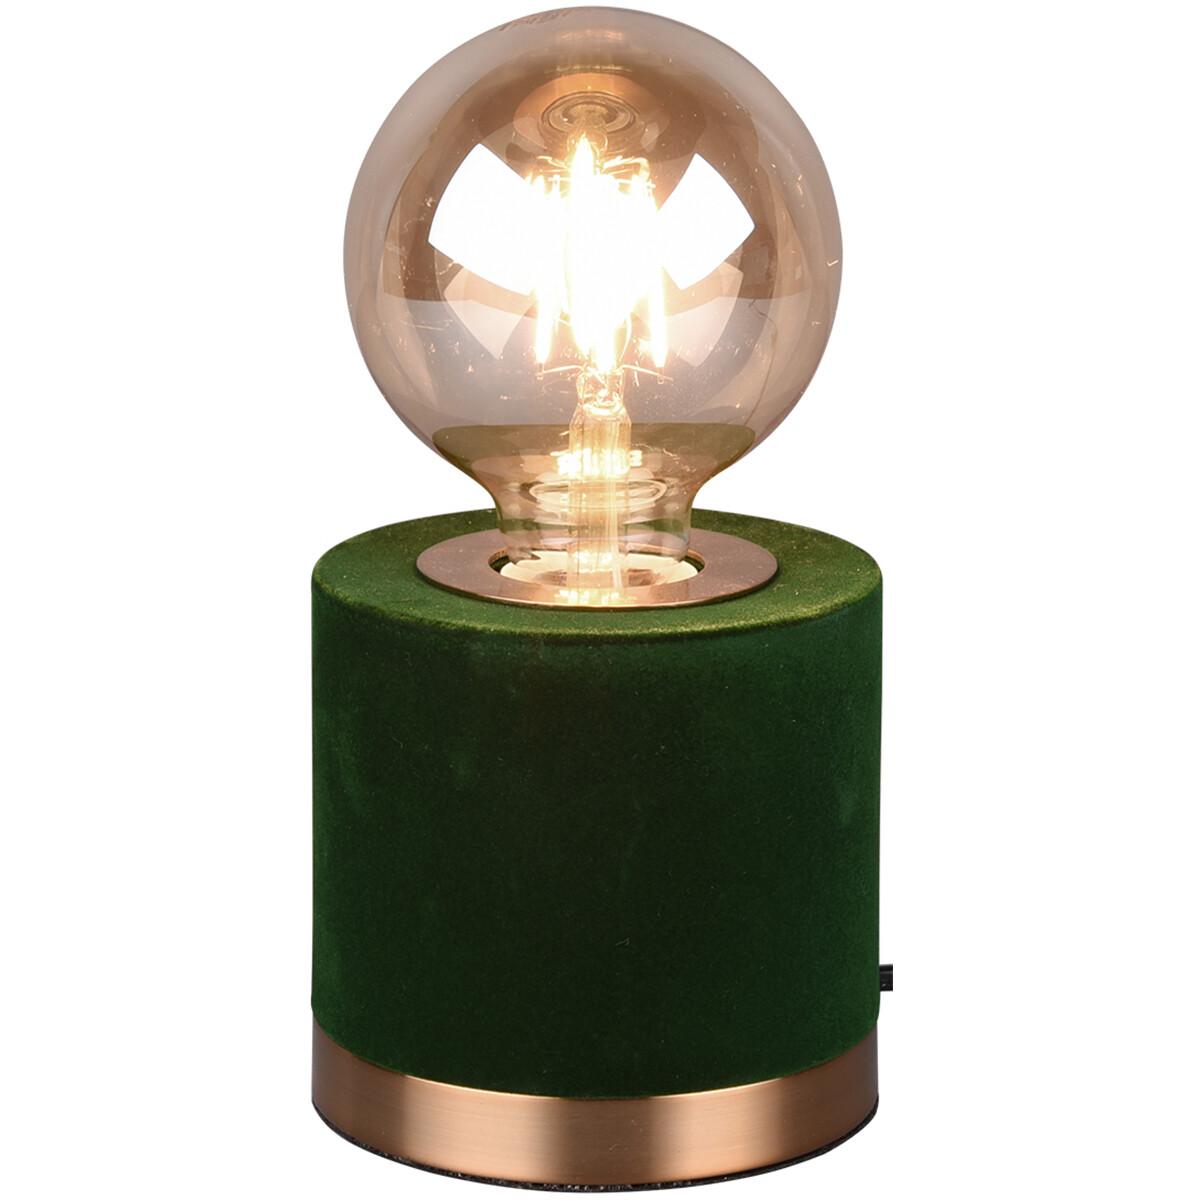 LED Tafellamp - Tafelverlichting - Trion Juda - E27 Fitting - Rond - Mat Groen - Fluweel